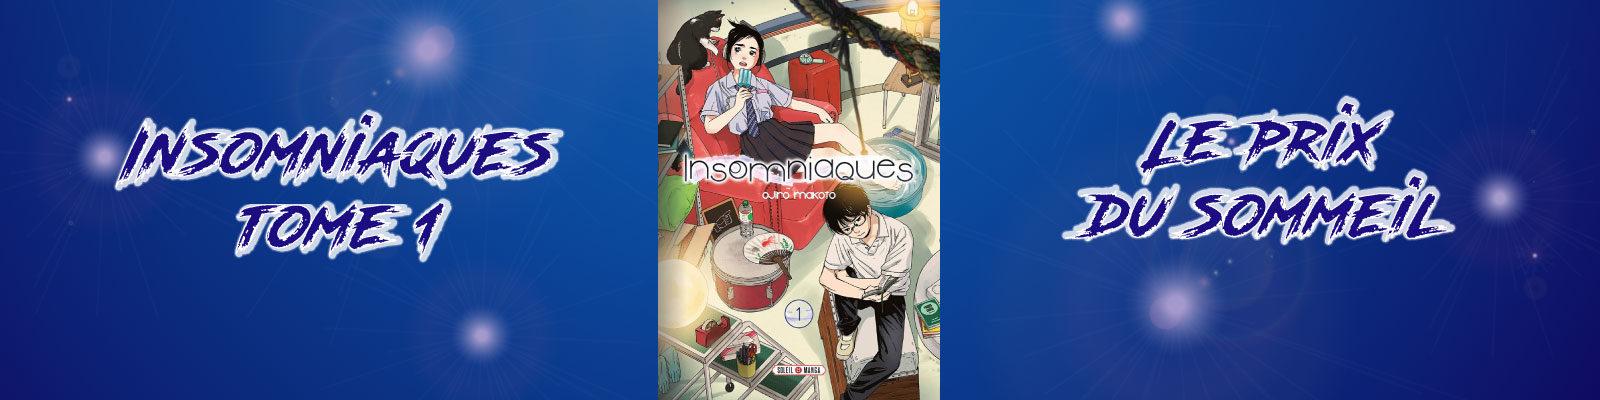 Insomniaques-Vol.-1